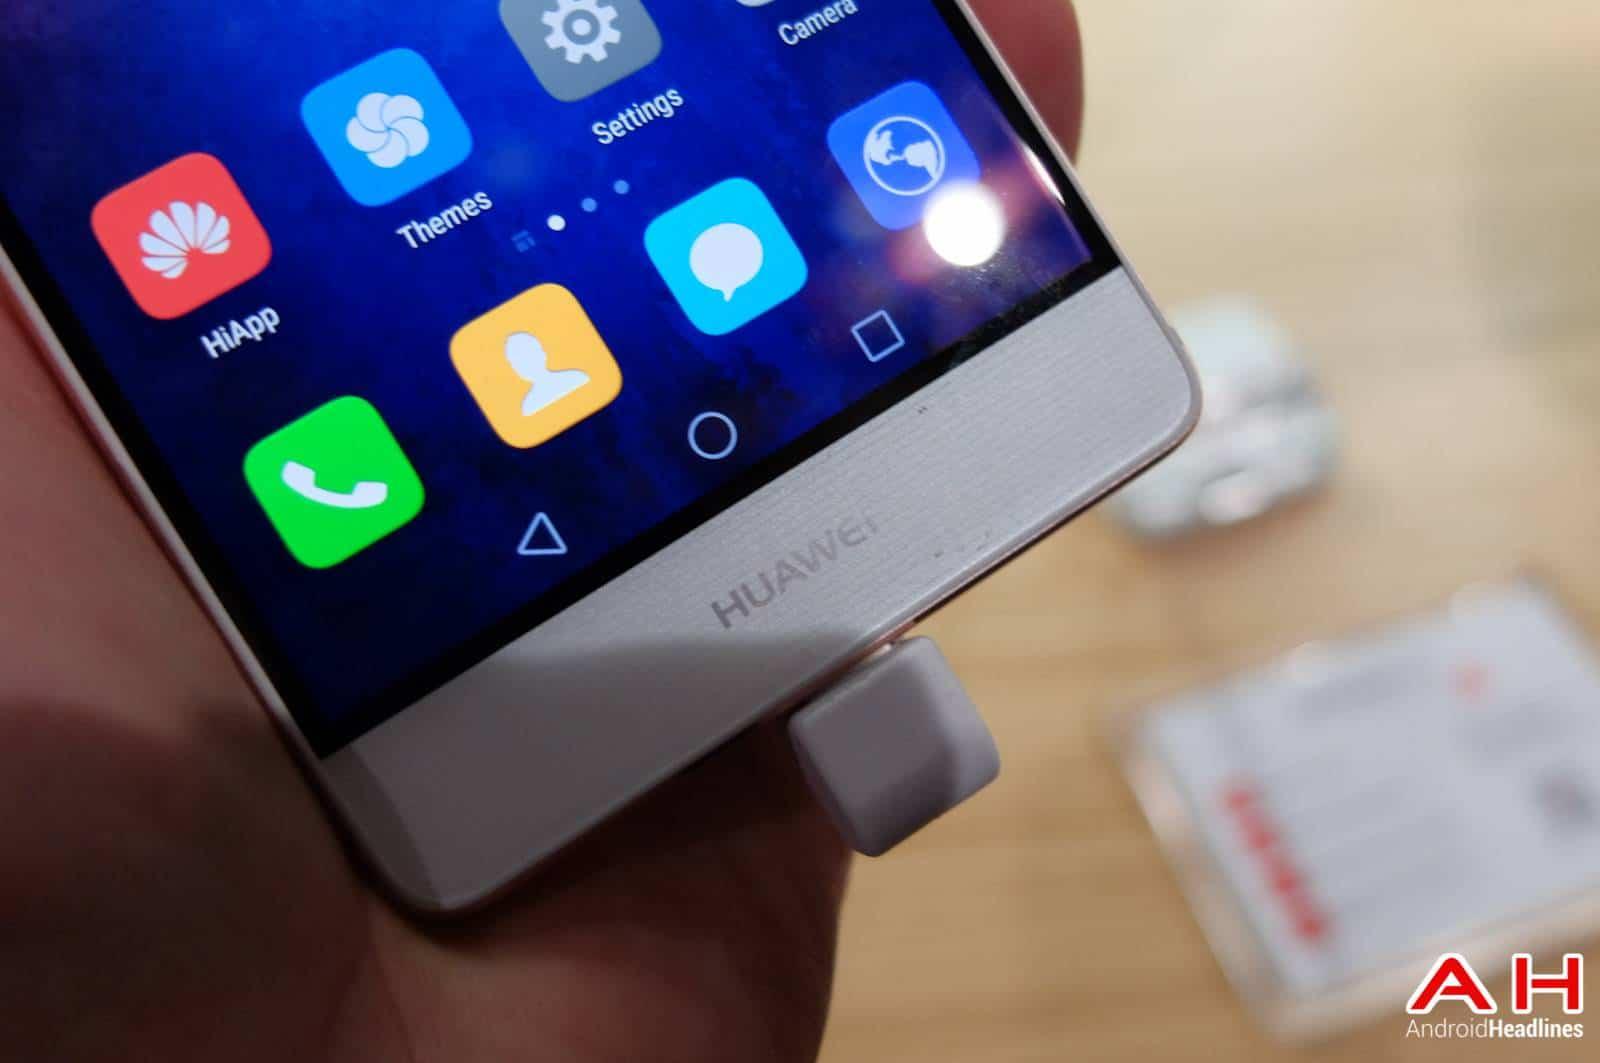 Huawei P9 AH 0483